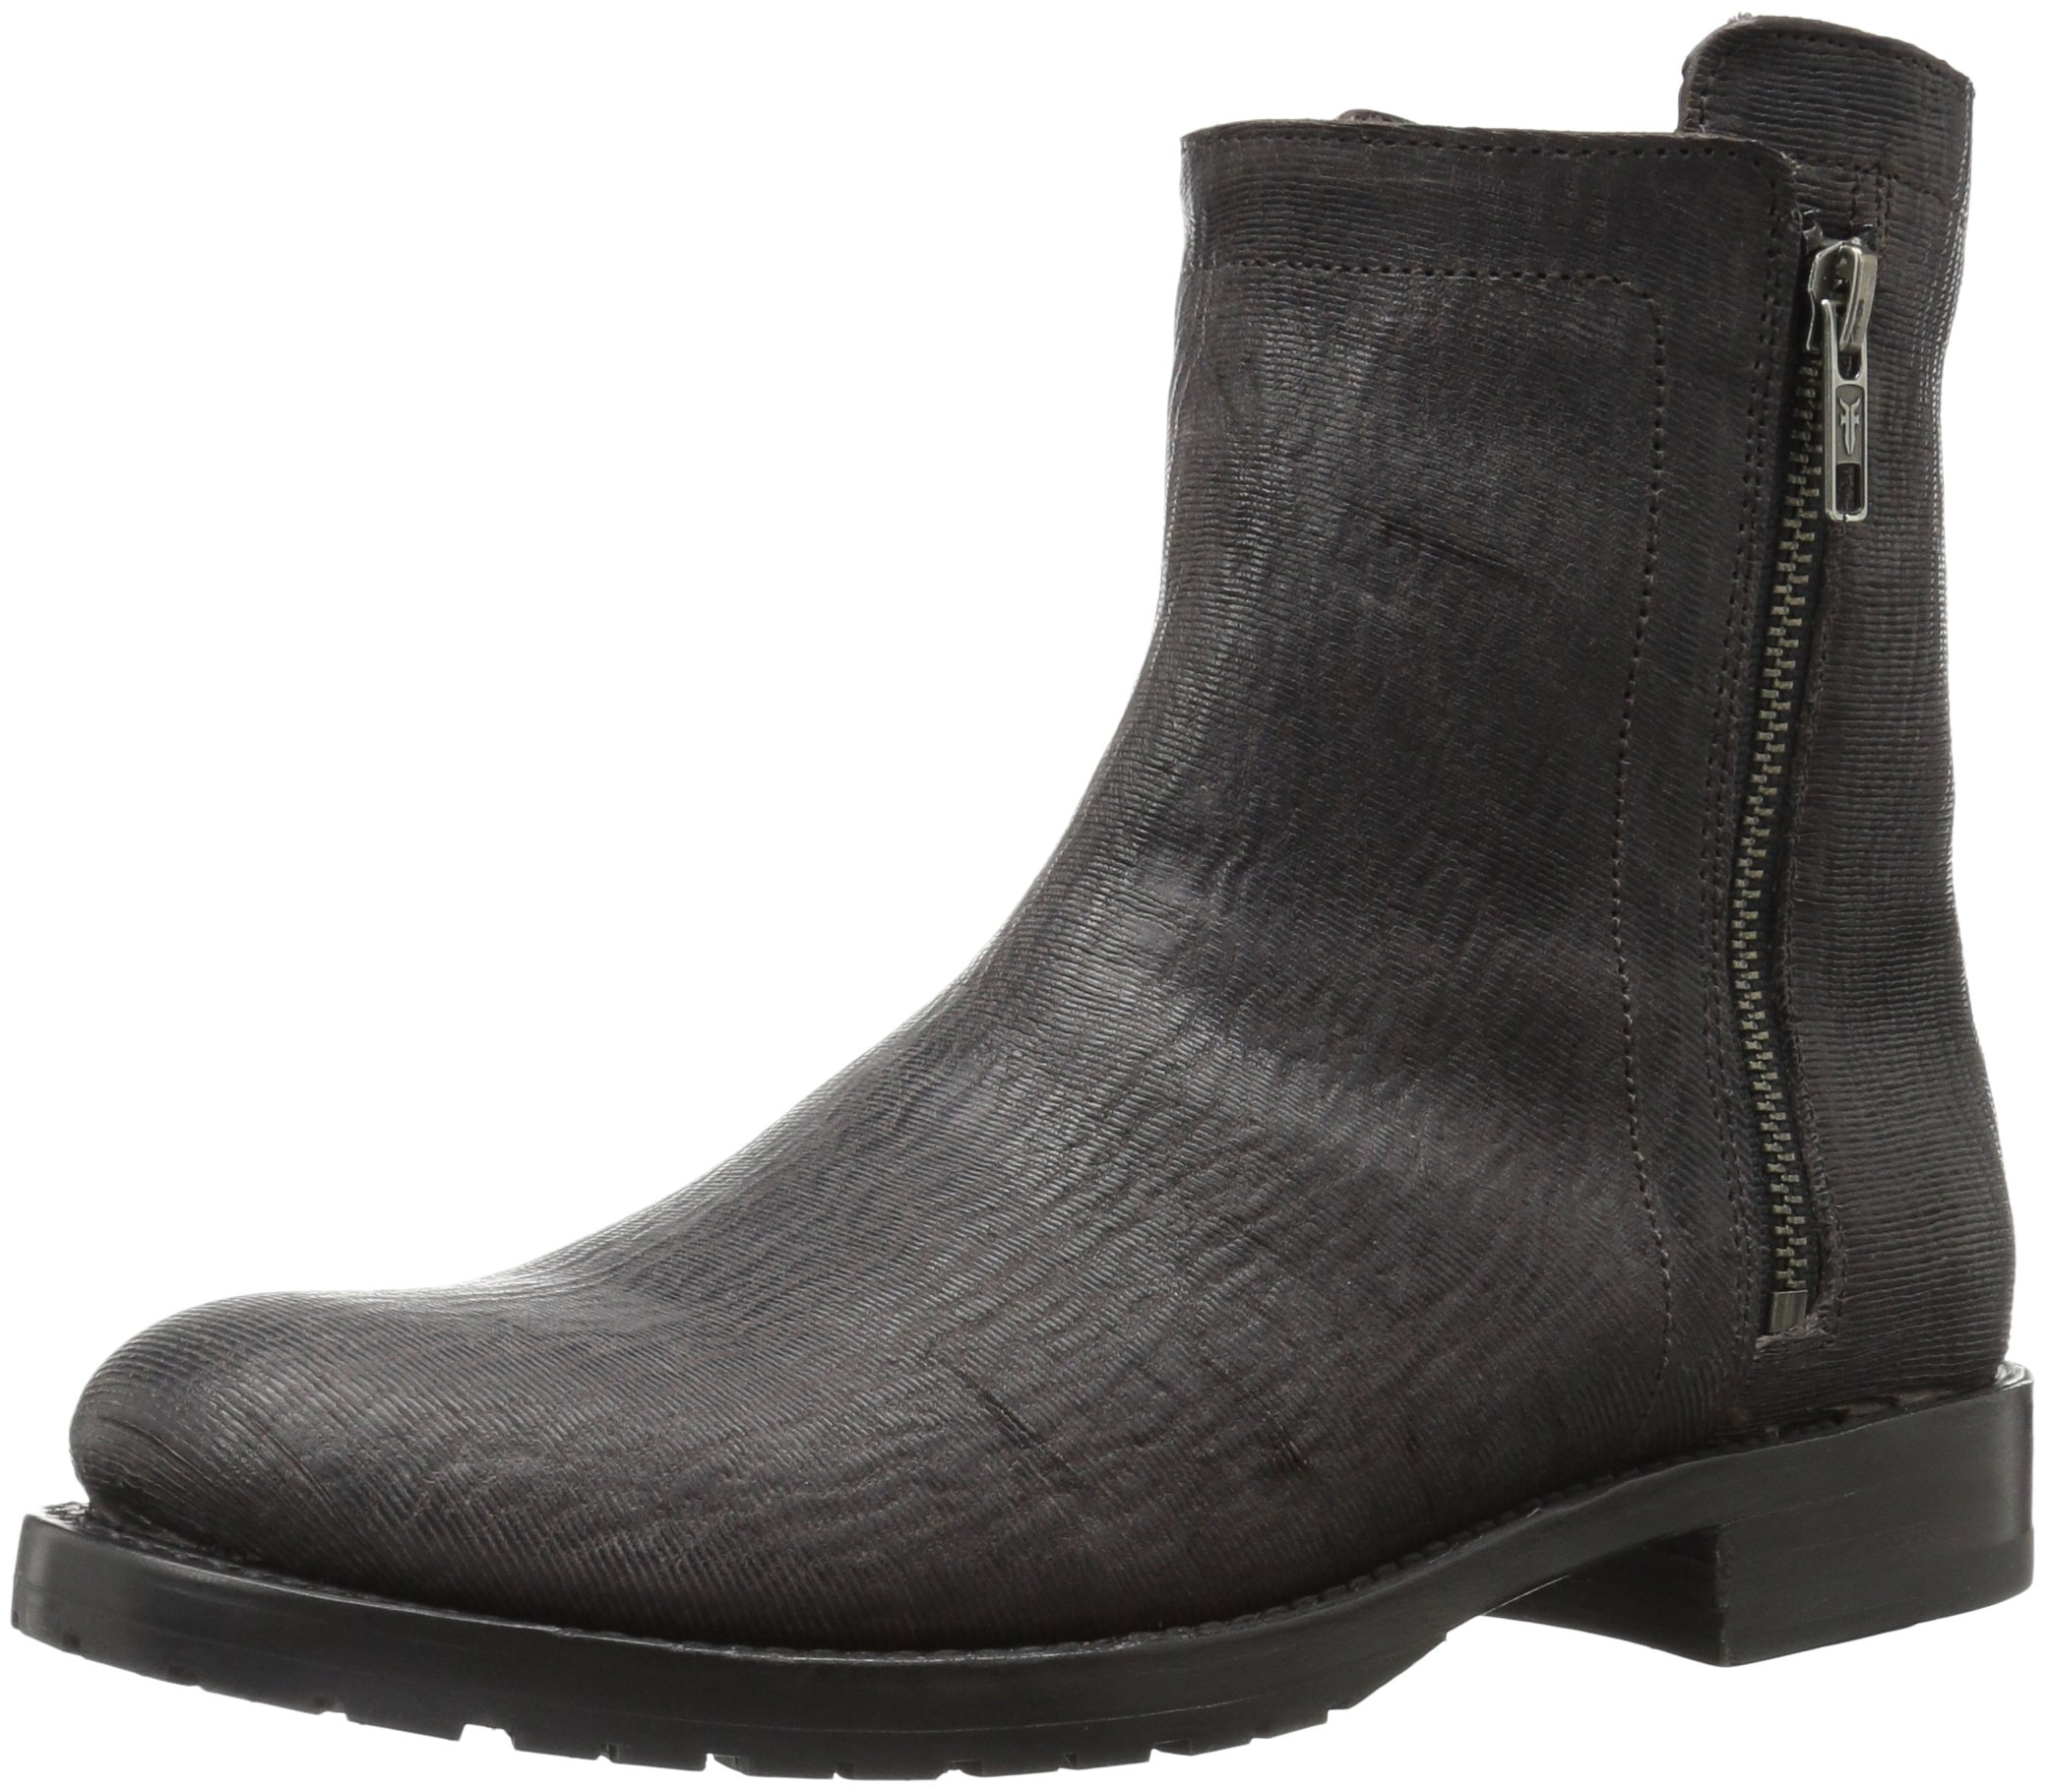 FRYE Women's Natalie Double Zip Boot, Charcoal, 7.5 M US